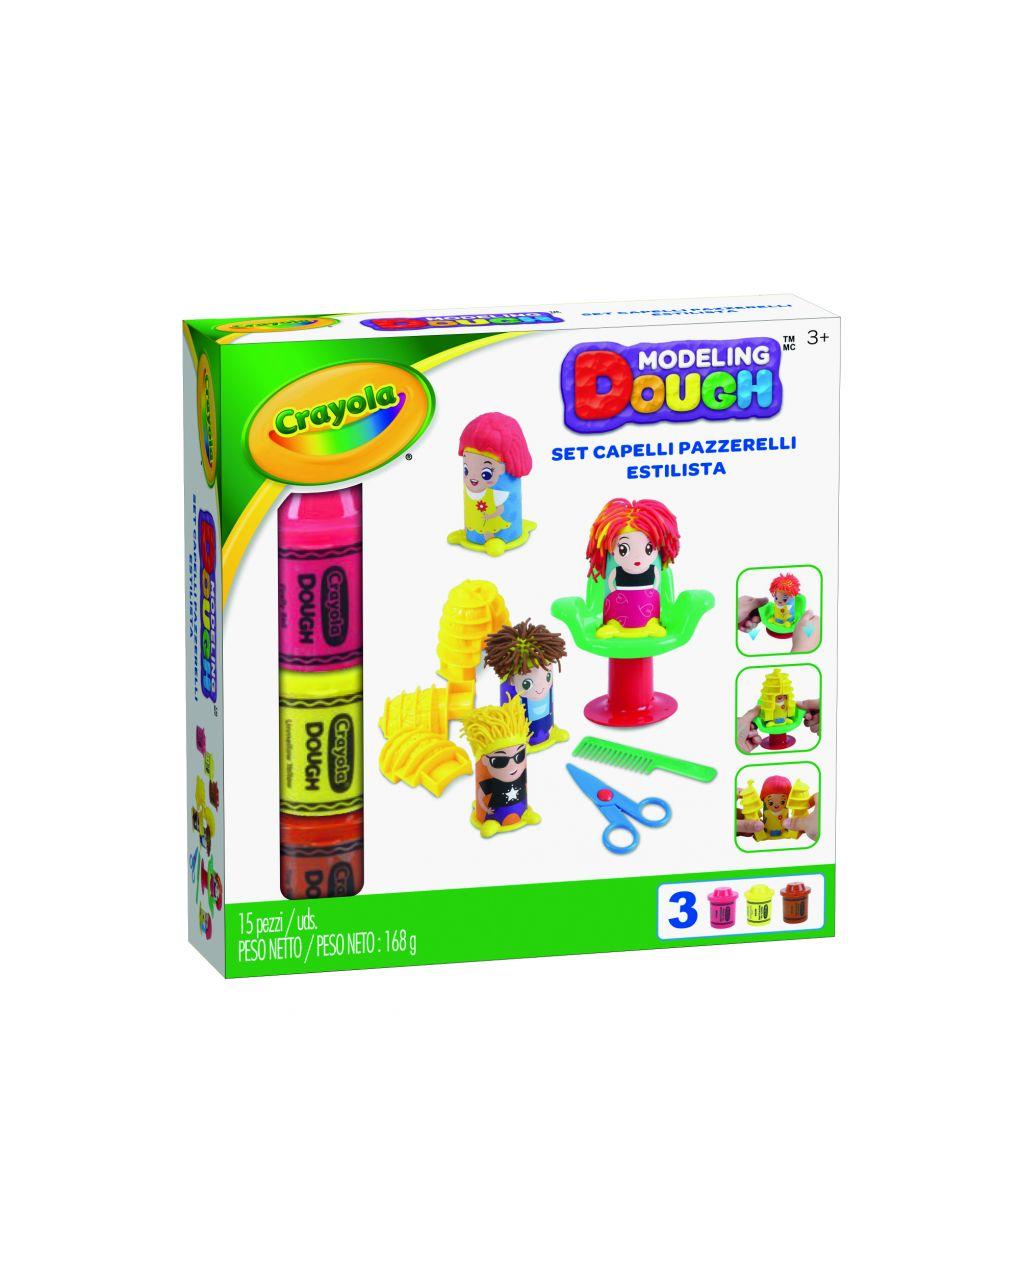 Crayola - conjunto de cabelo em pasta de modelagem pazzerelli - Crayola